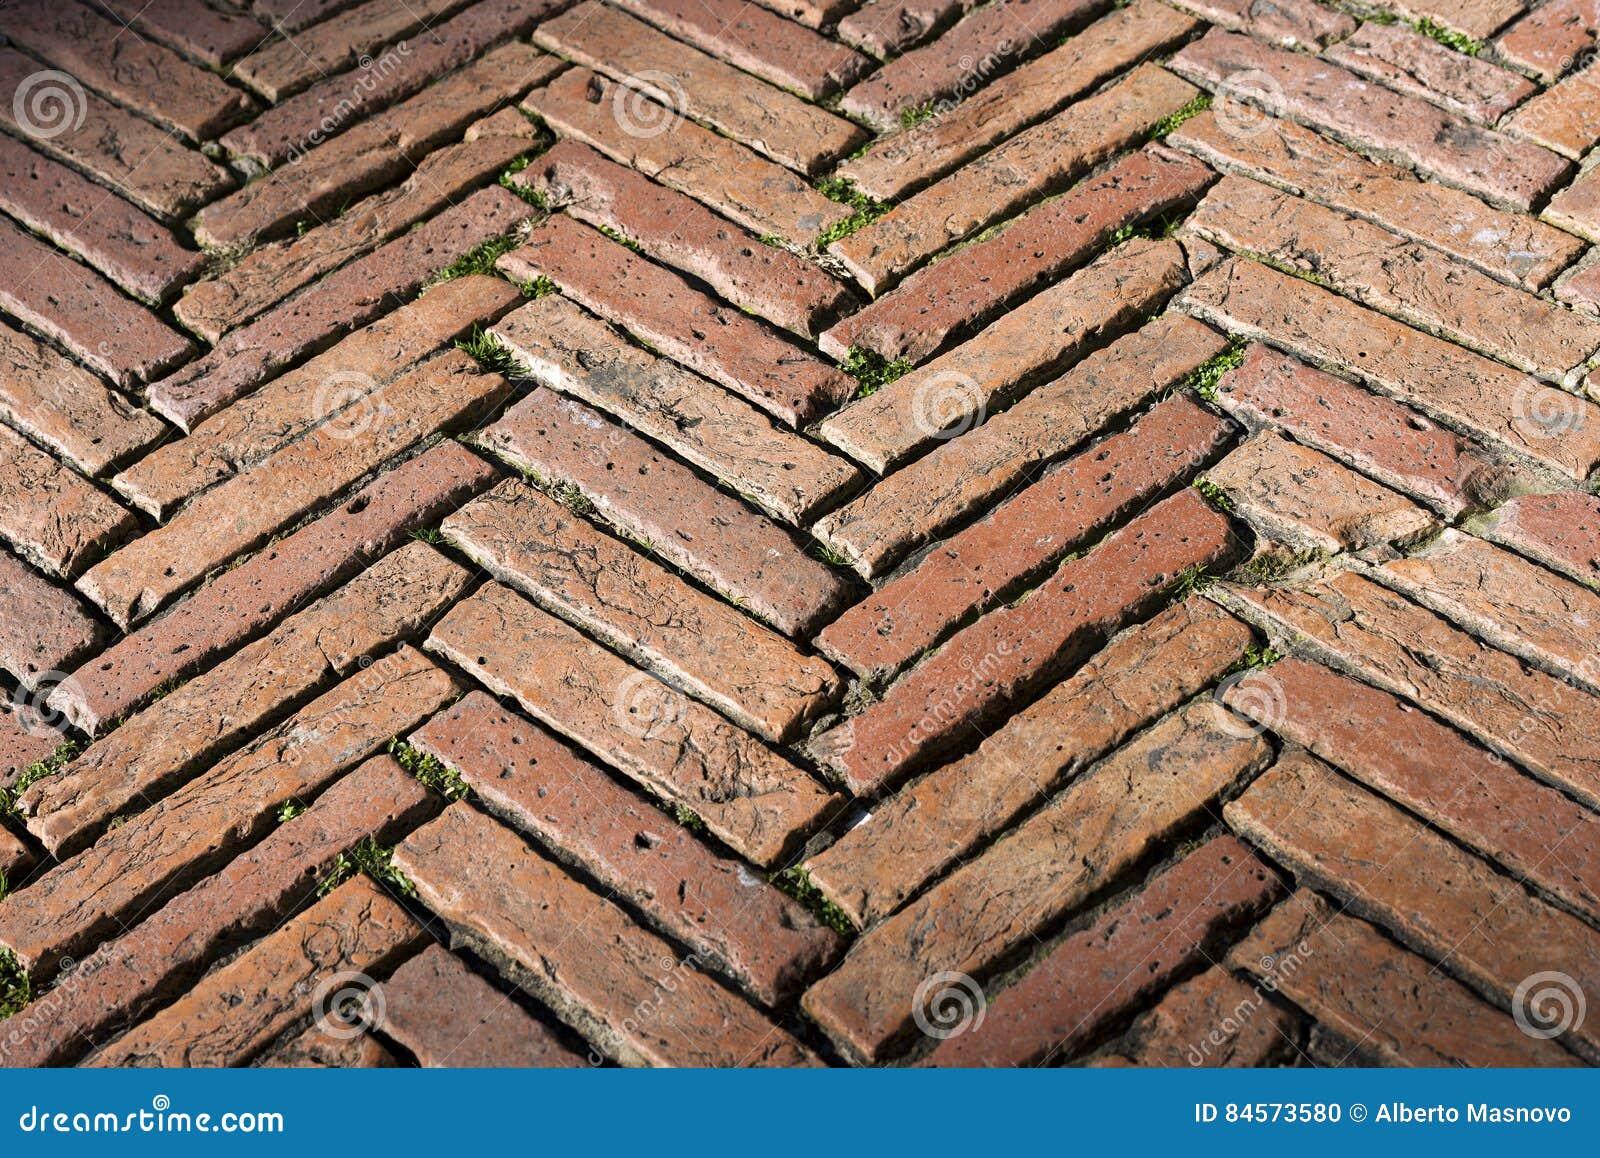 Fußboden Aus Ziegelsteinen ~ Bodenbelag mit alten ziegelsteinen siena italy stockfoto bild